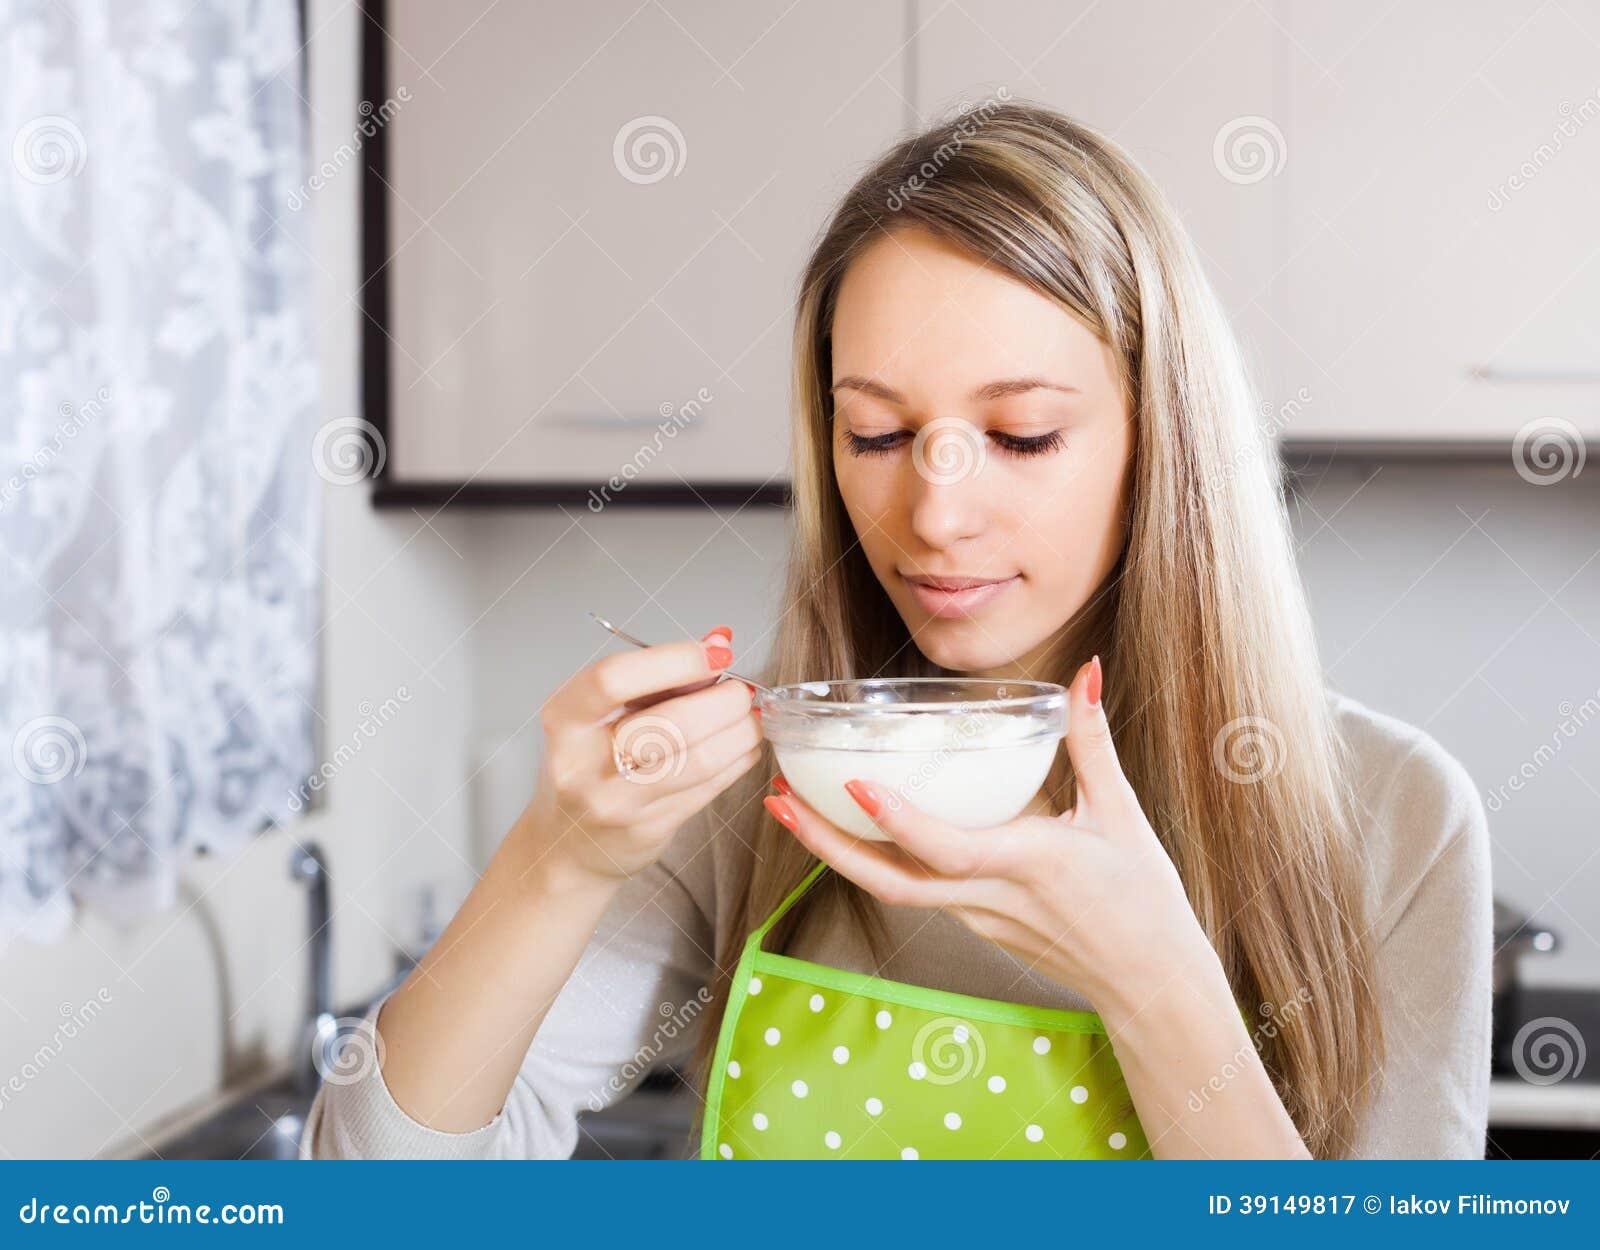 Comendo o cu da dona de casa